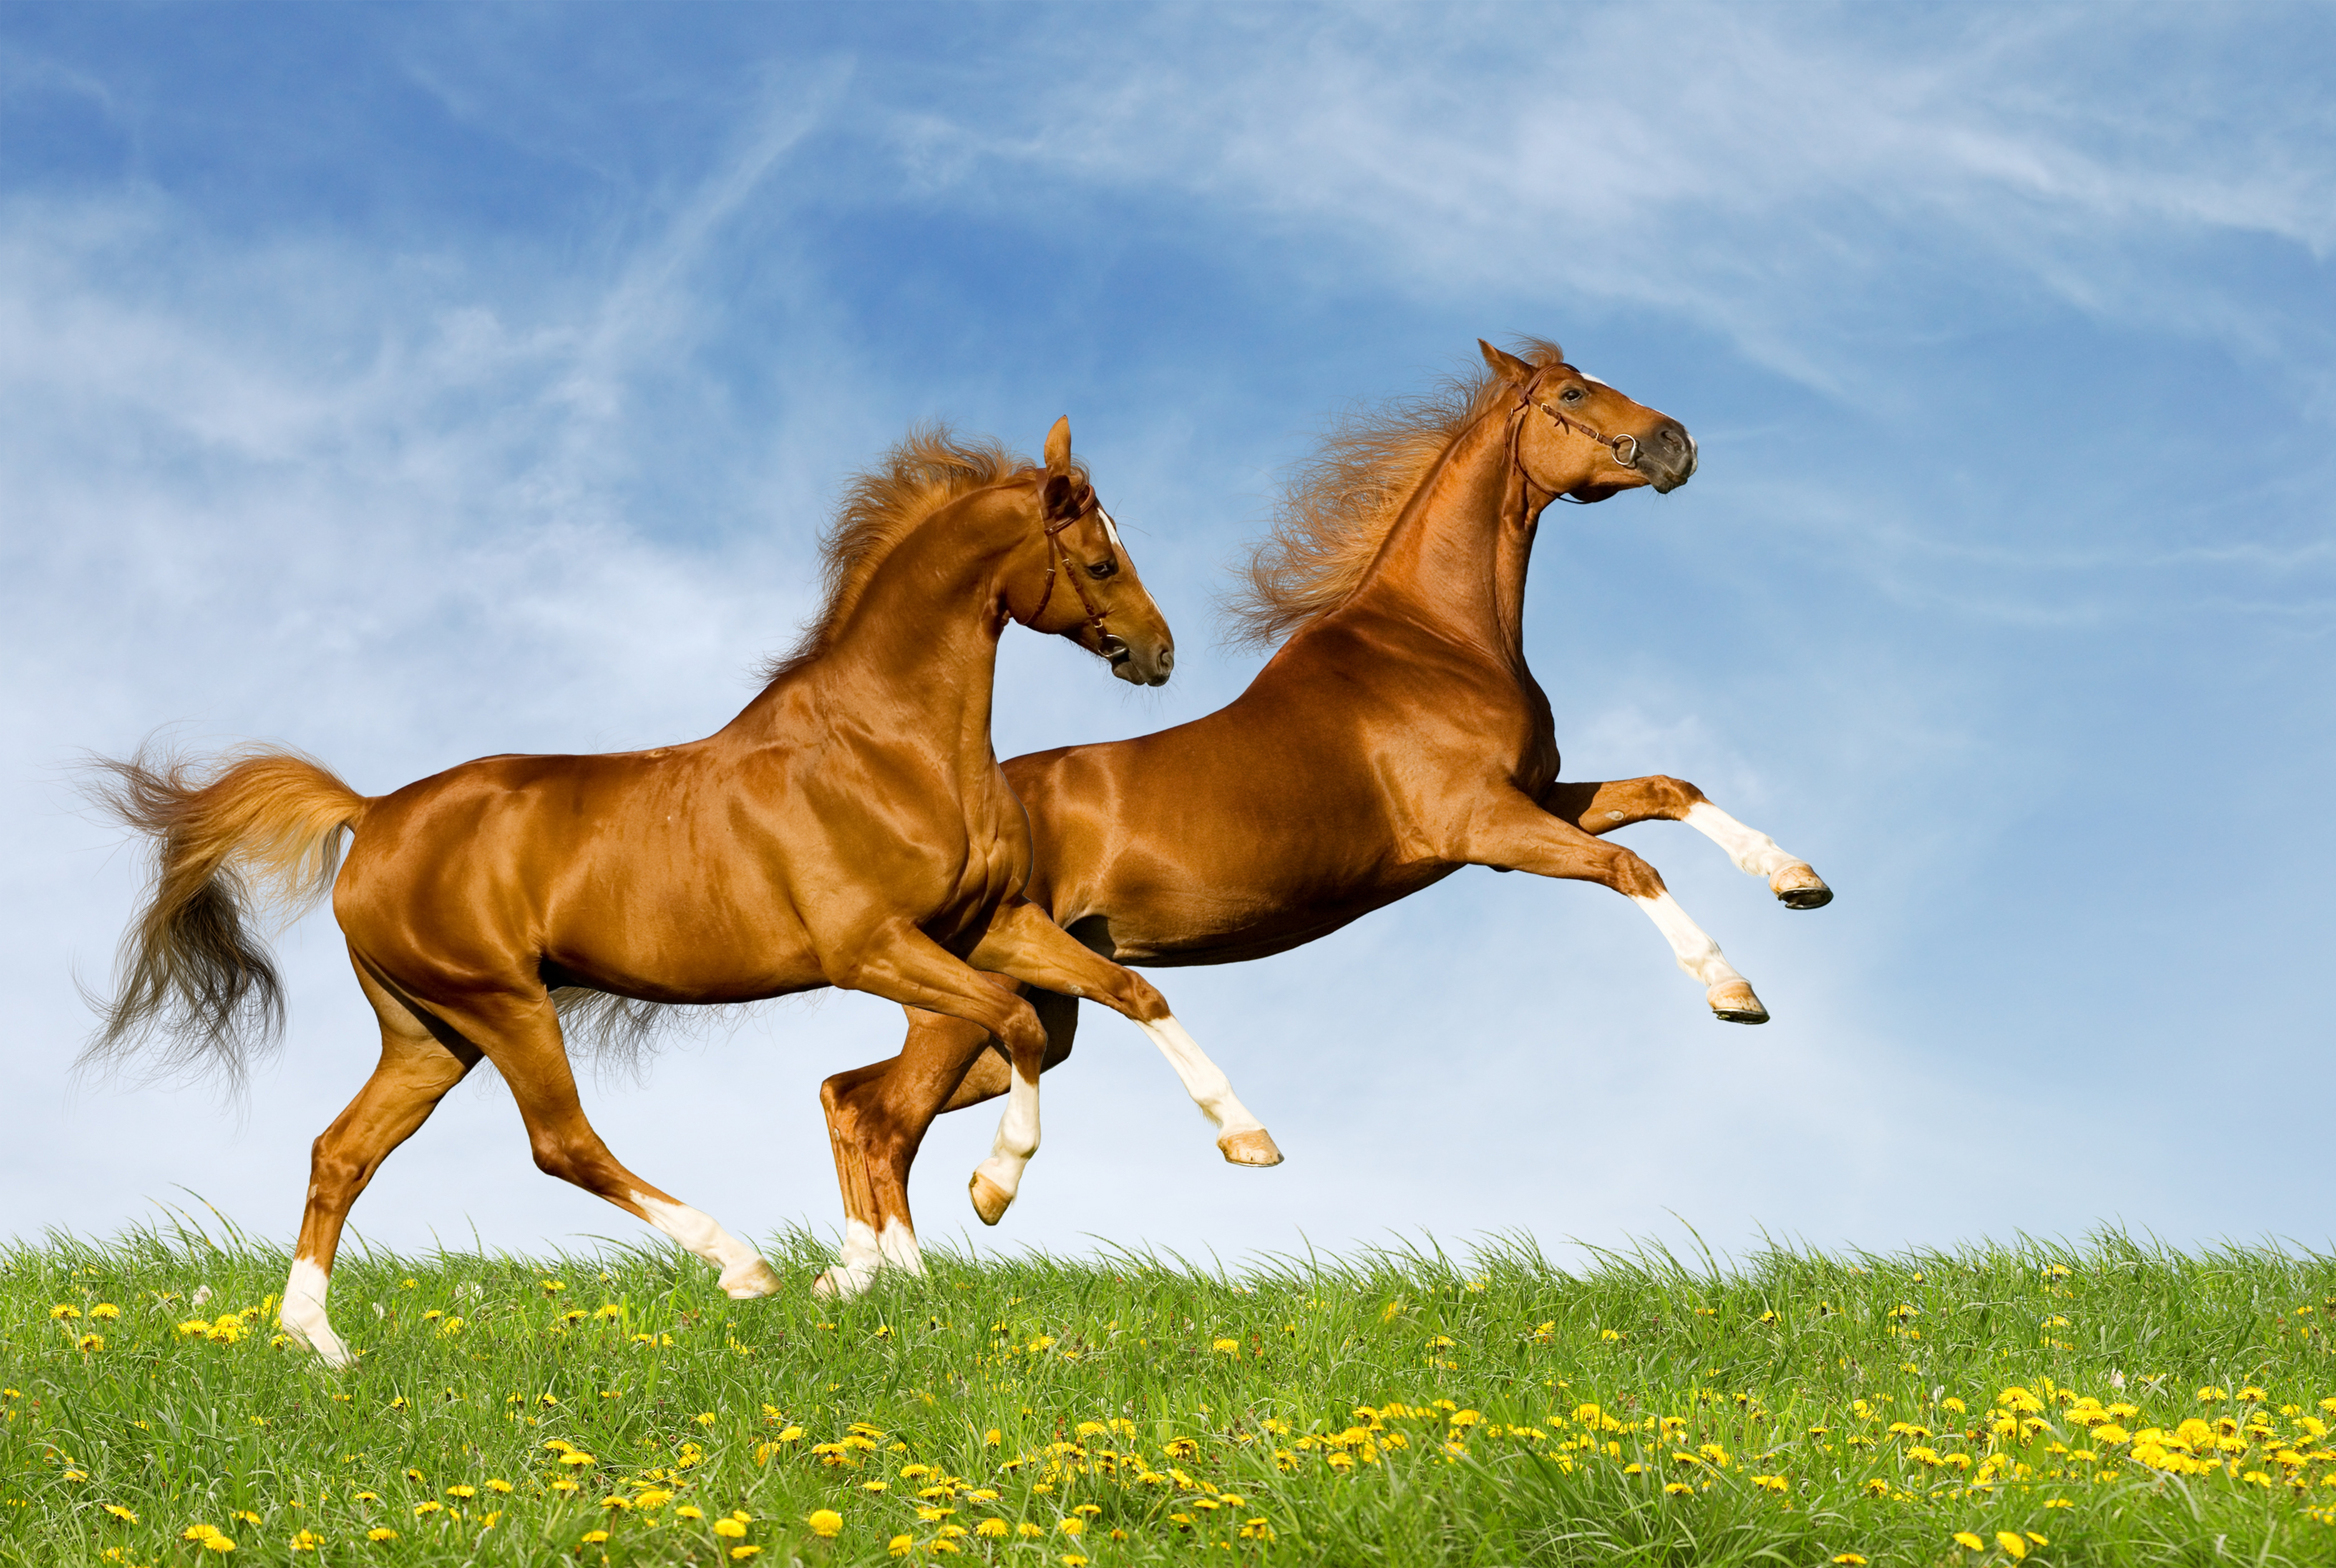 134463 Заставки и Обои Лошади на телефон. Скачать Лошади, Животные, Природа, Лето, Пара, Прыжок картинки бесплатно